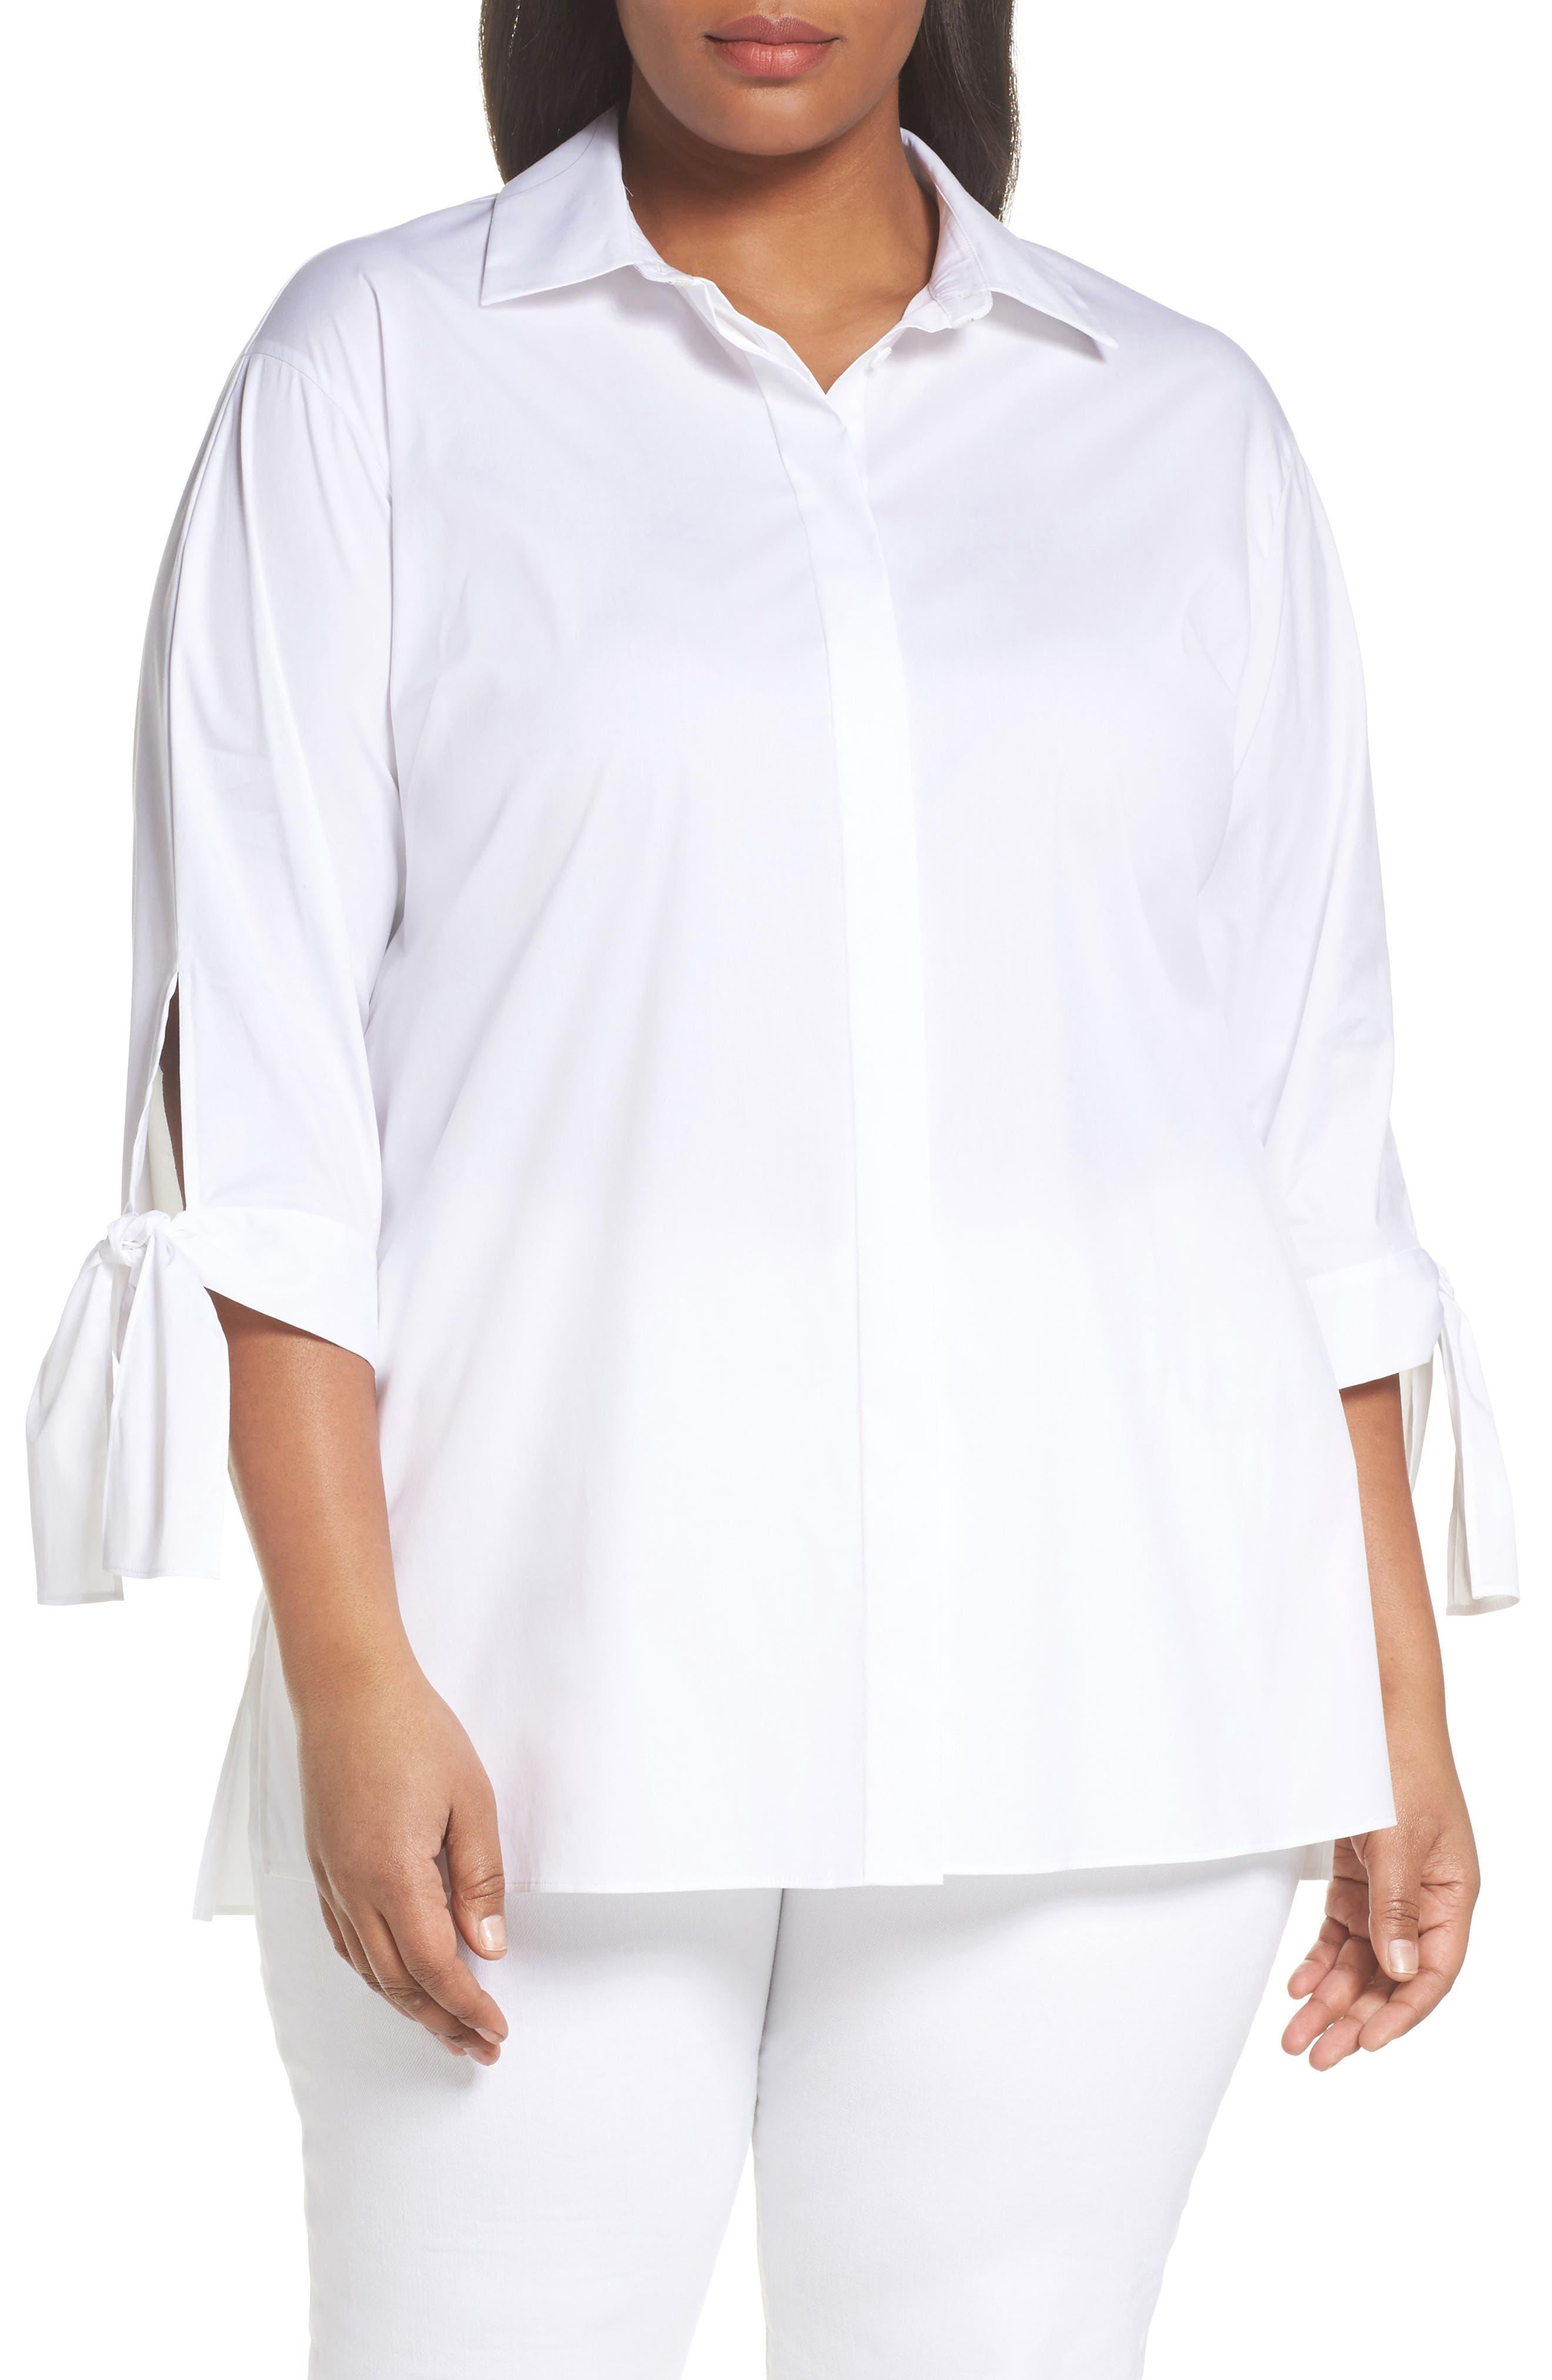 Saige Blouse,                         Main,                         color, White